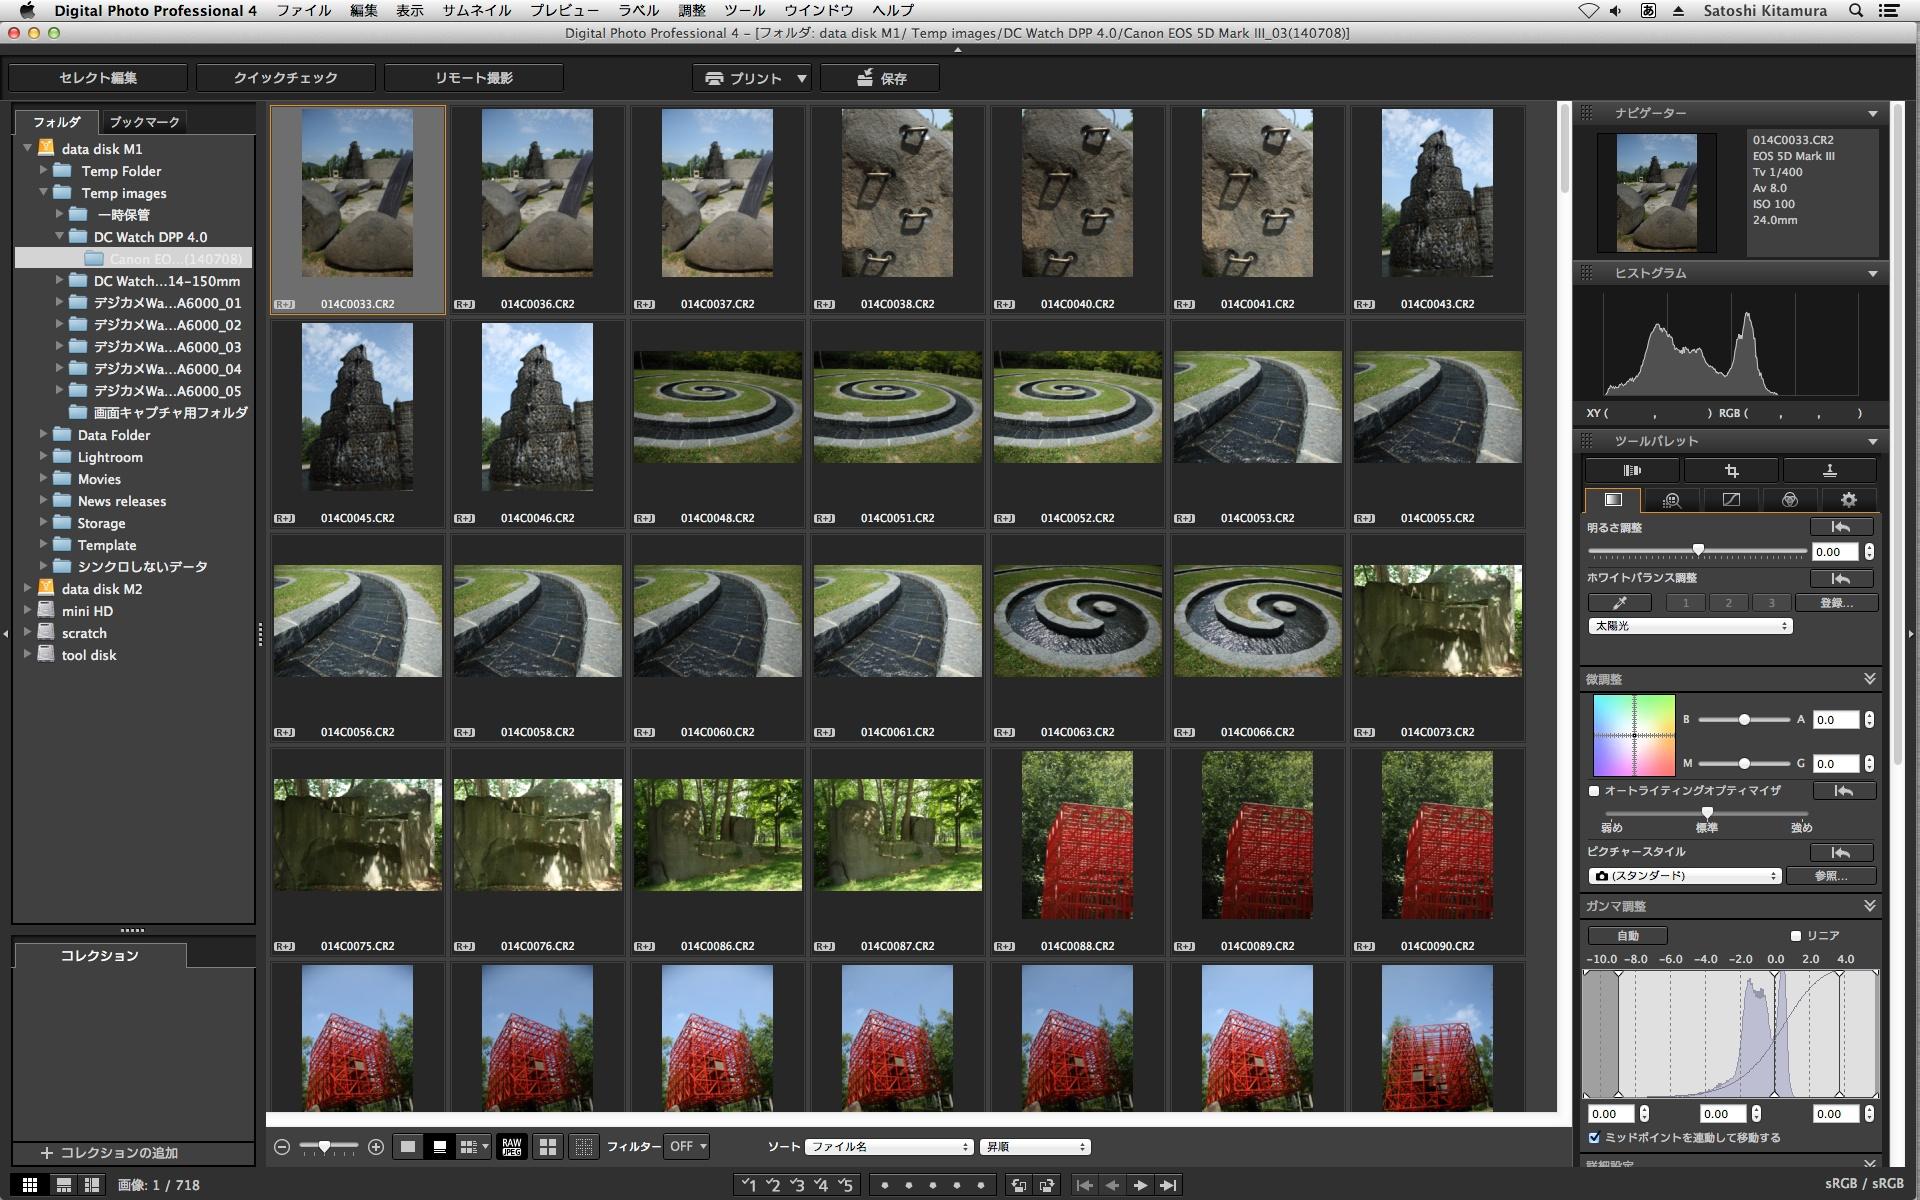 メイン画面にツールパレットを表示したところ。サムネイル表示の状態でも画像の調整が行なえる。